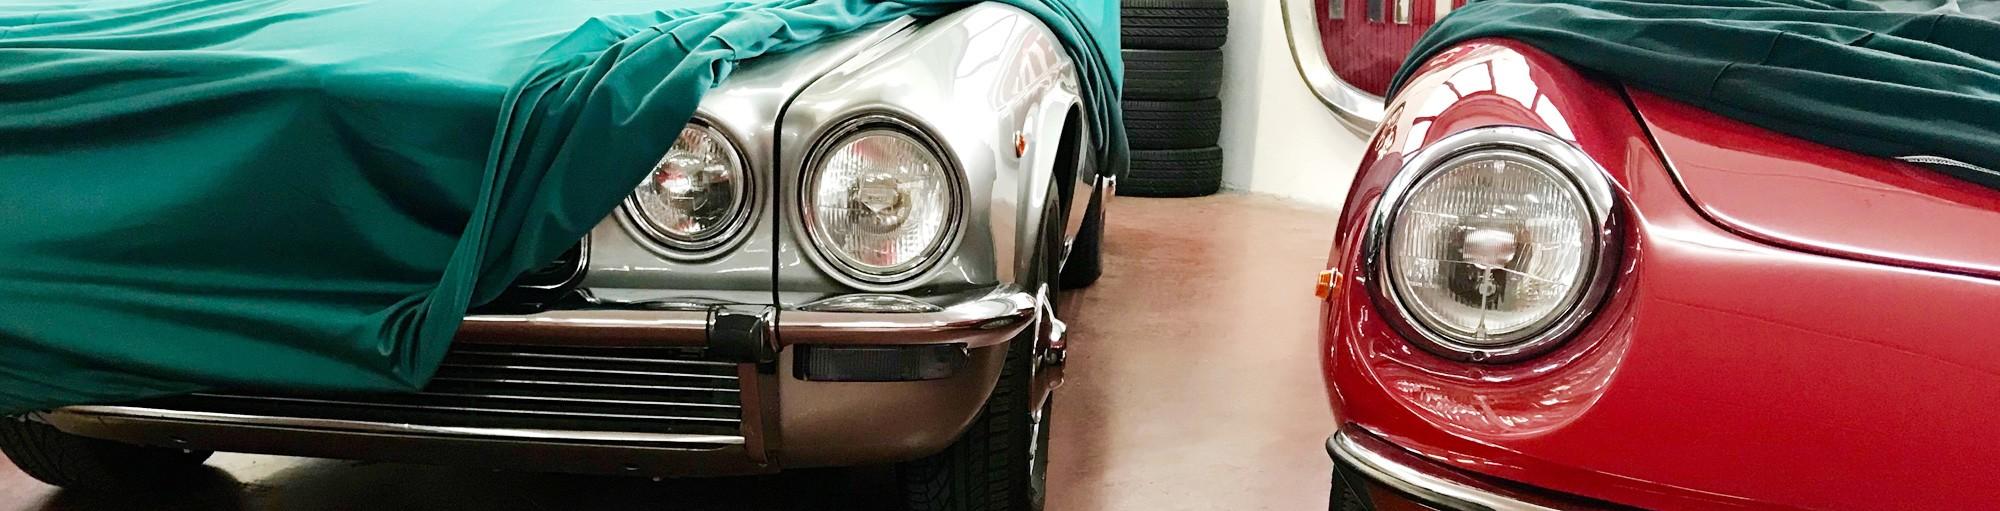 Collezione di auto classiche e vintage in vendita - Passione Classica